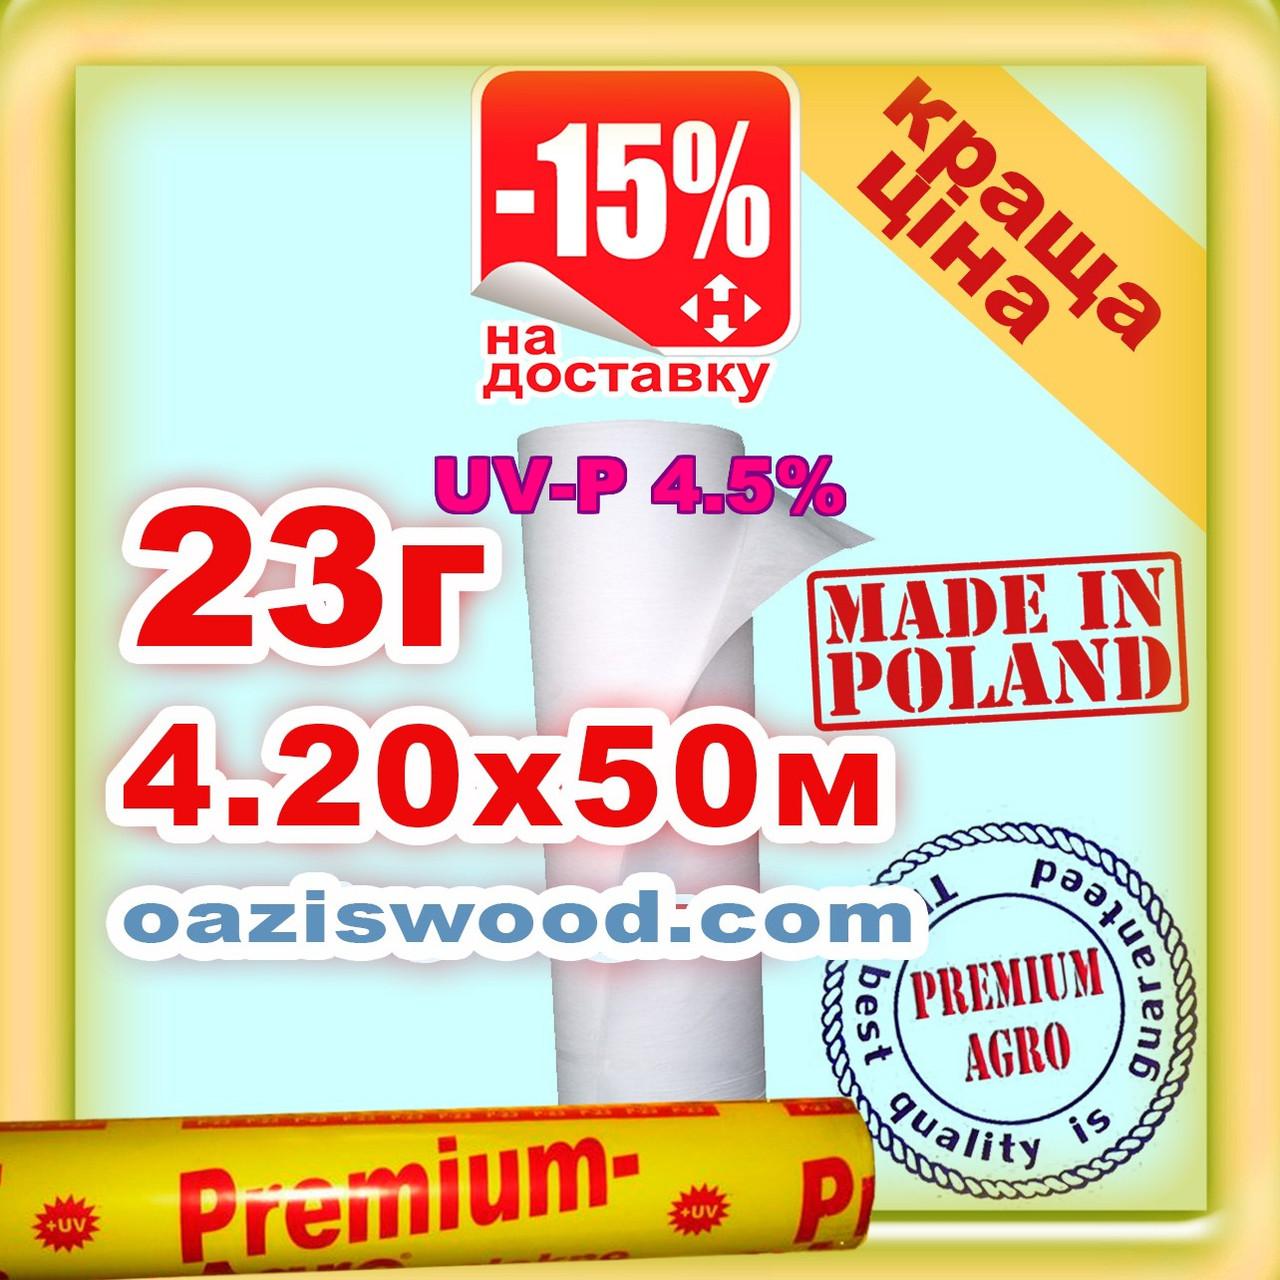 Агроволокно р-23g 4.2*50м белое UV-P 4.5% Premium-Agro Польша, фото 1